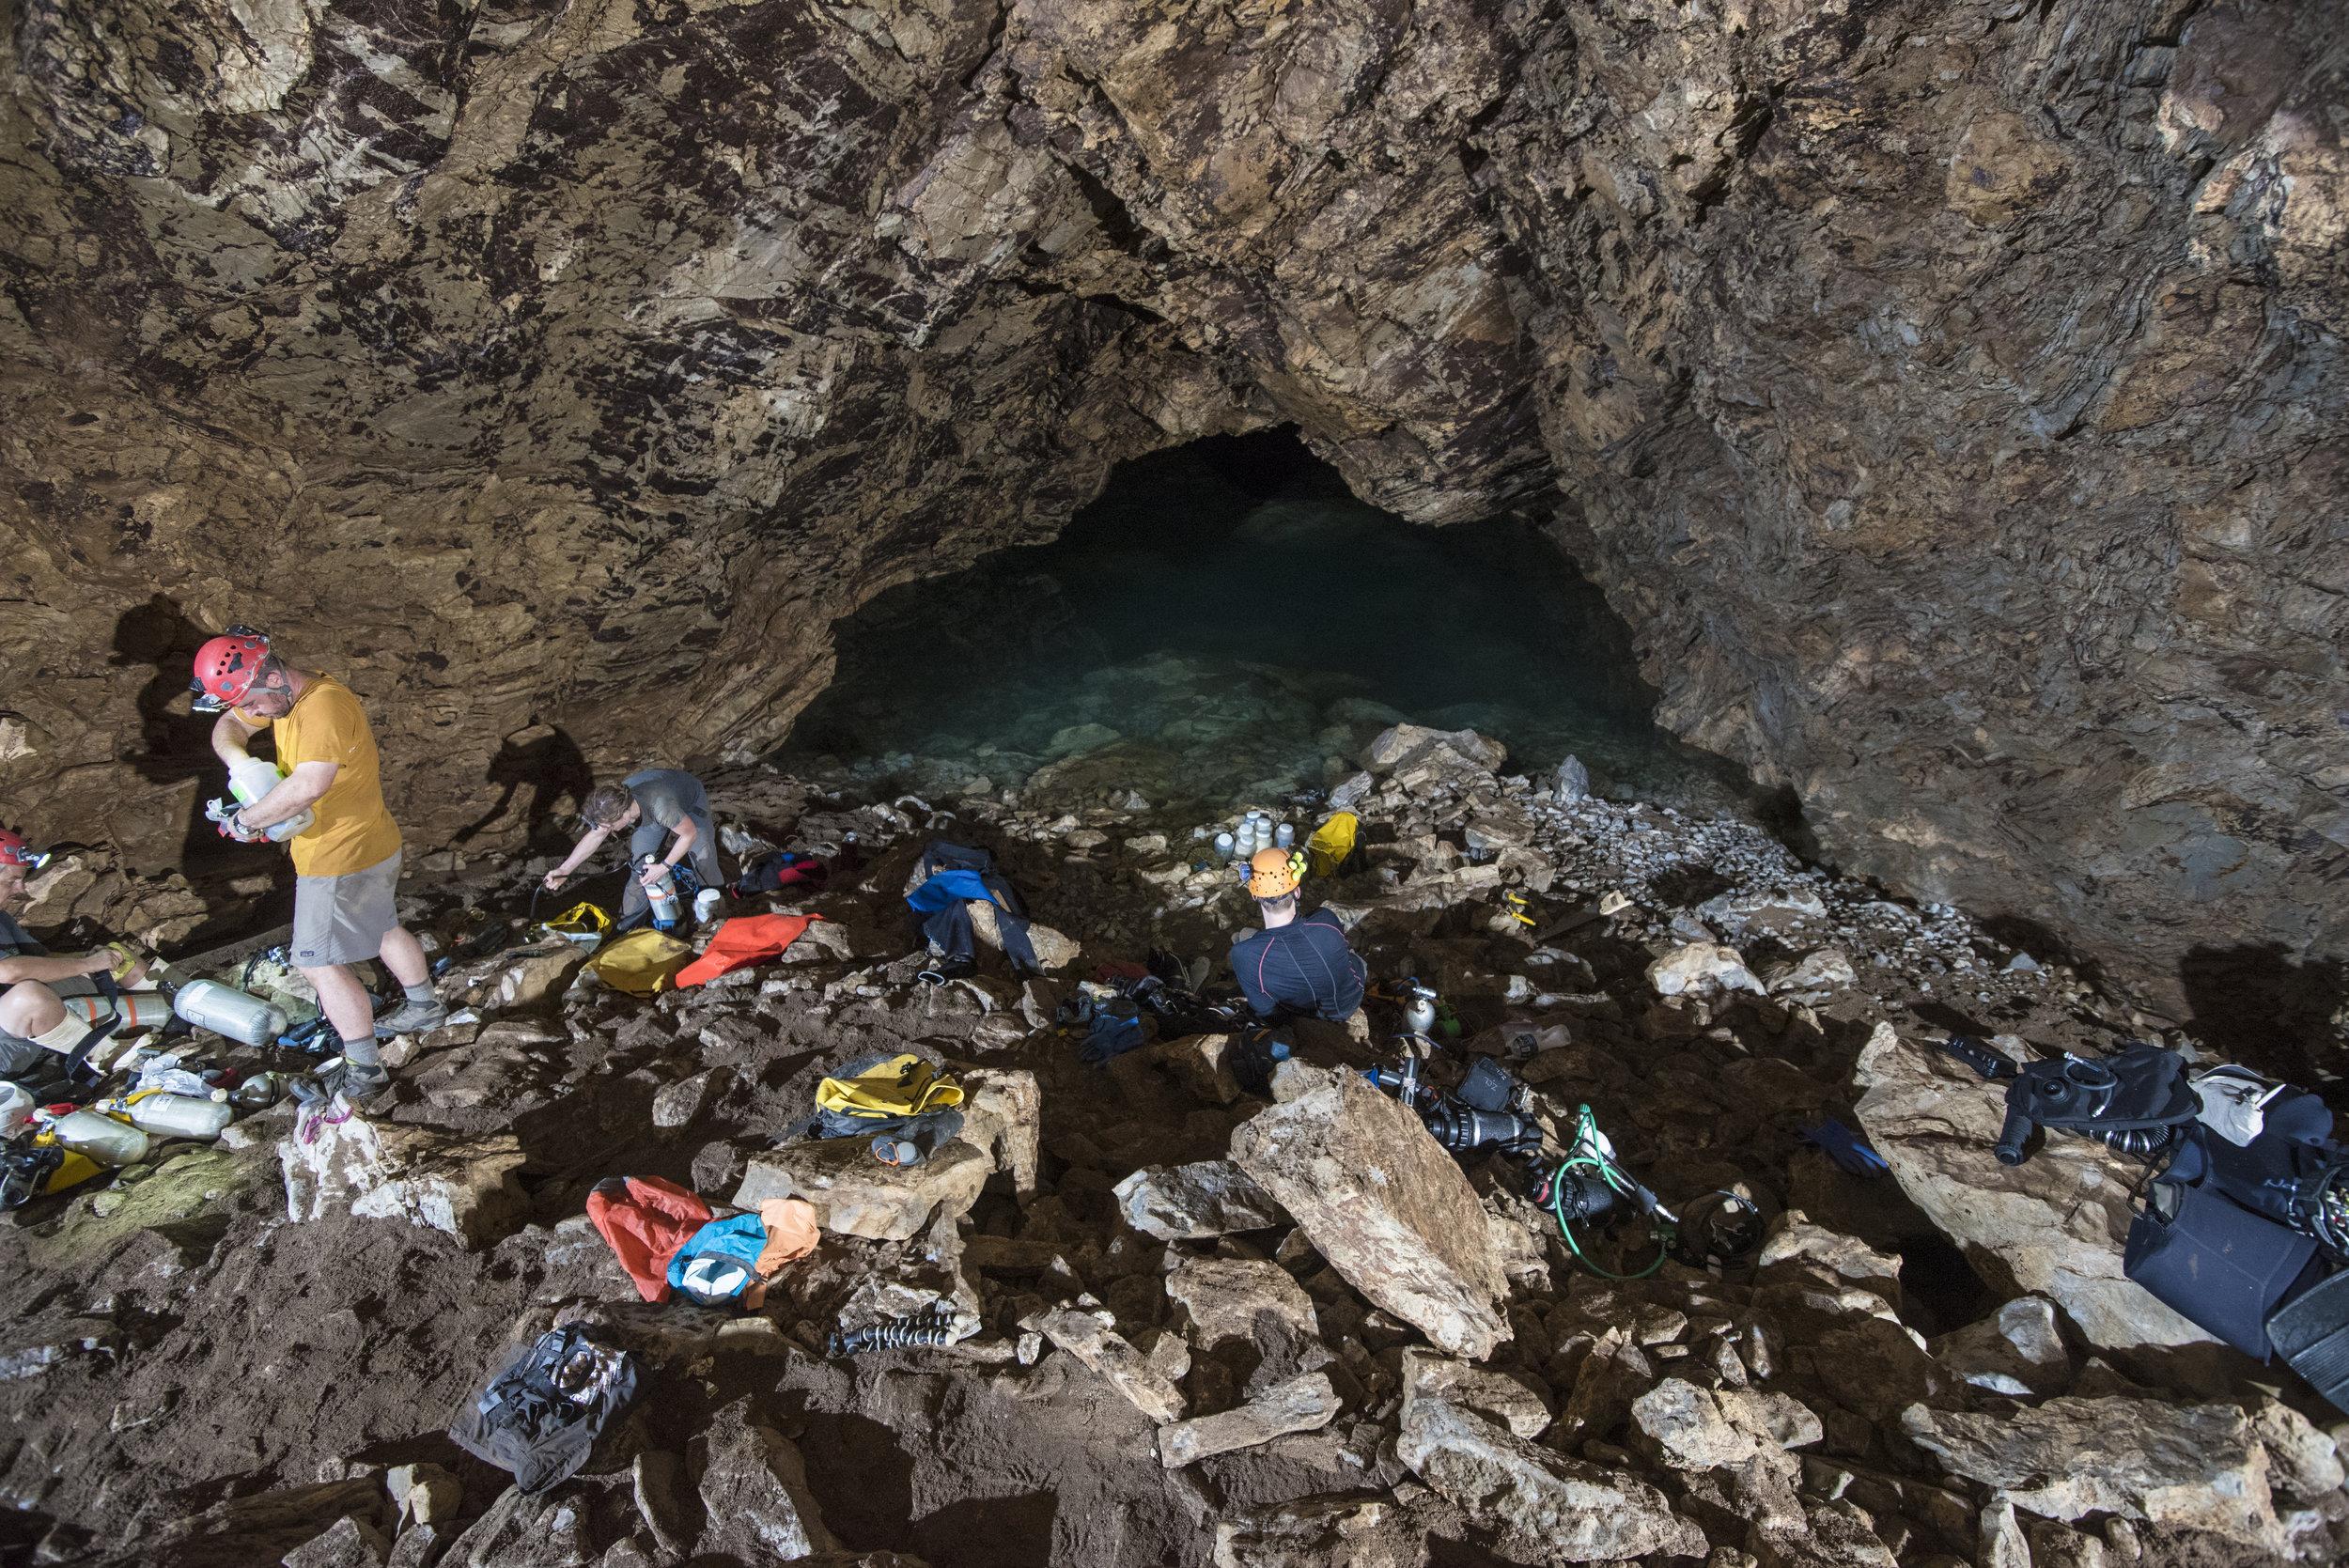 cueva-de-la-pena-colorada_26337988607_o.jpg